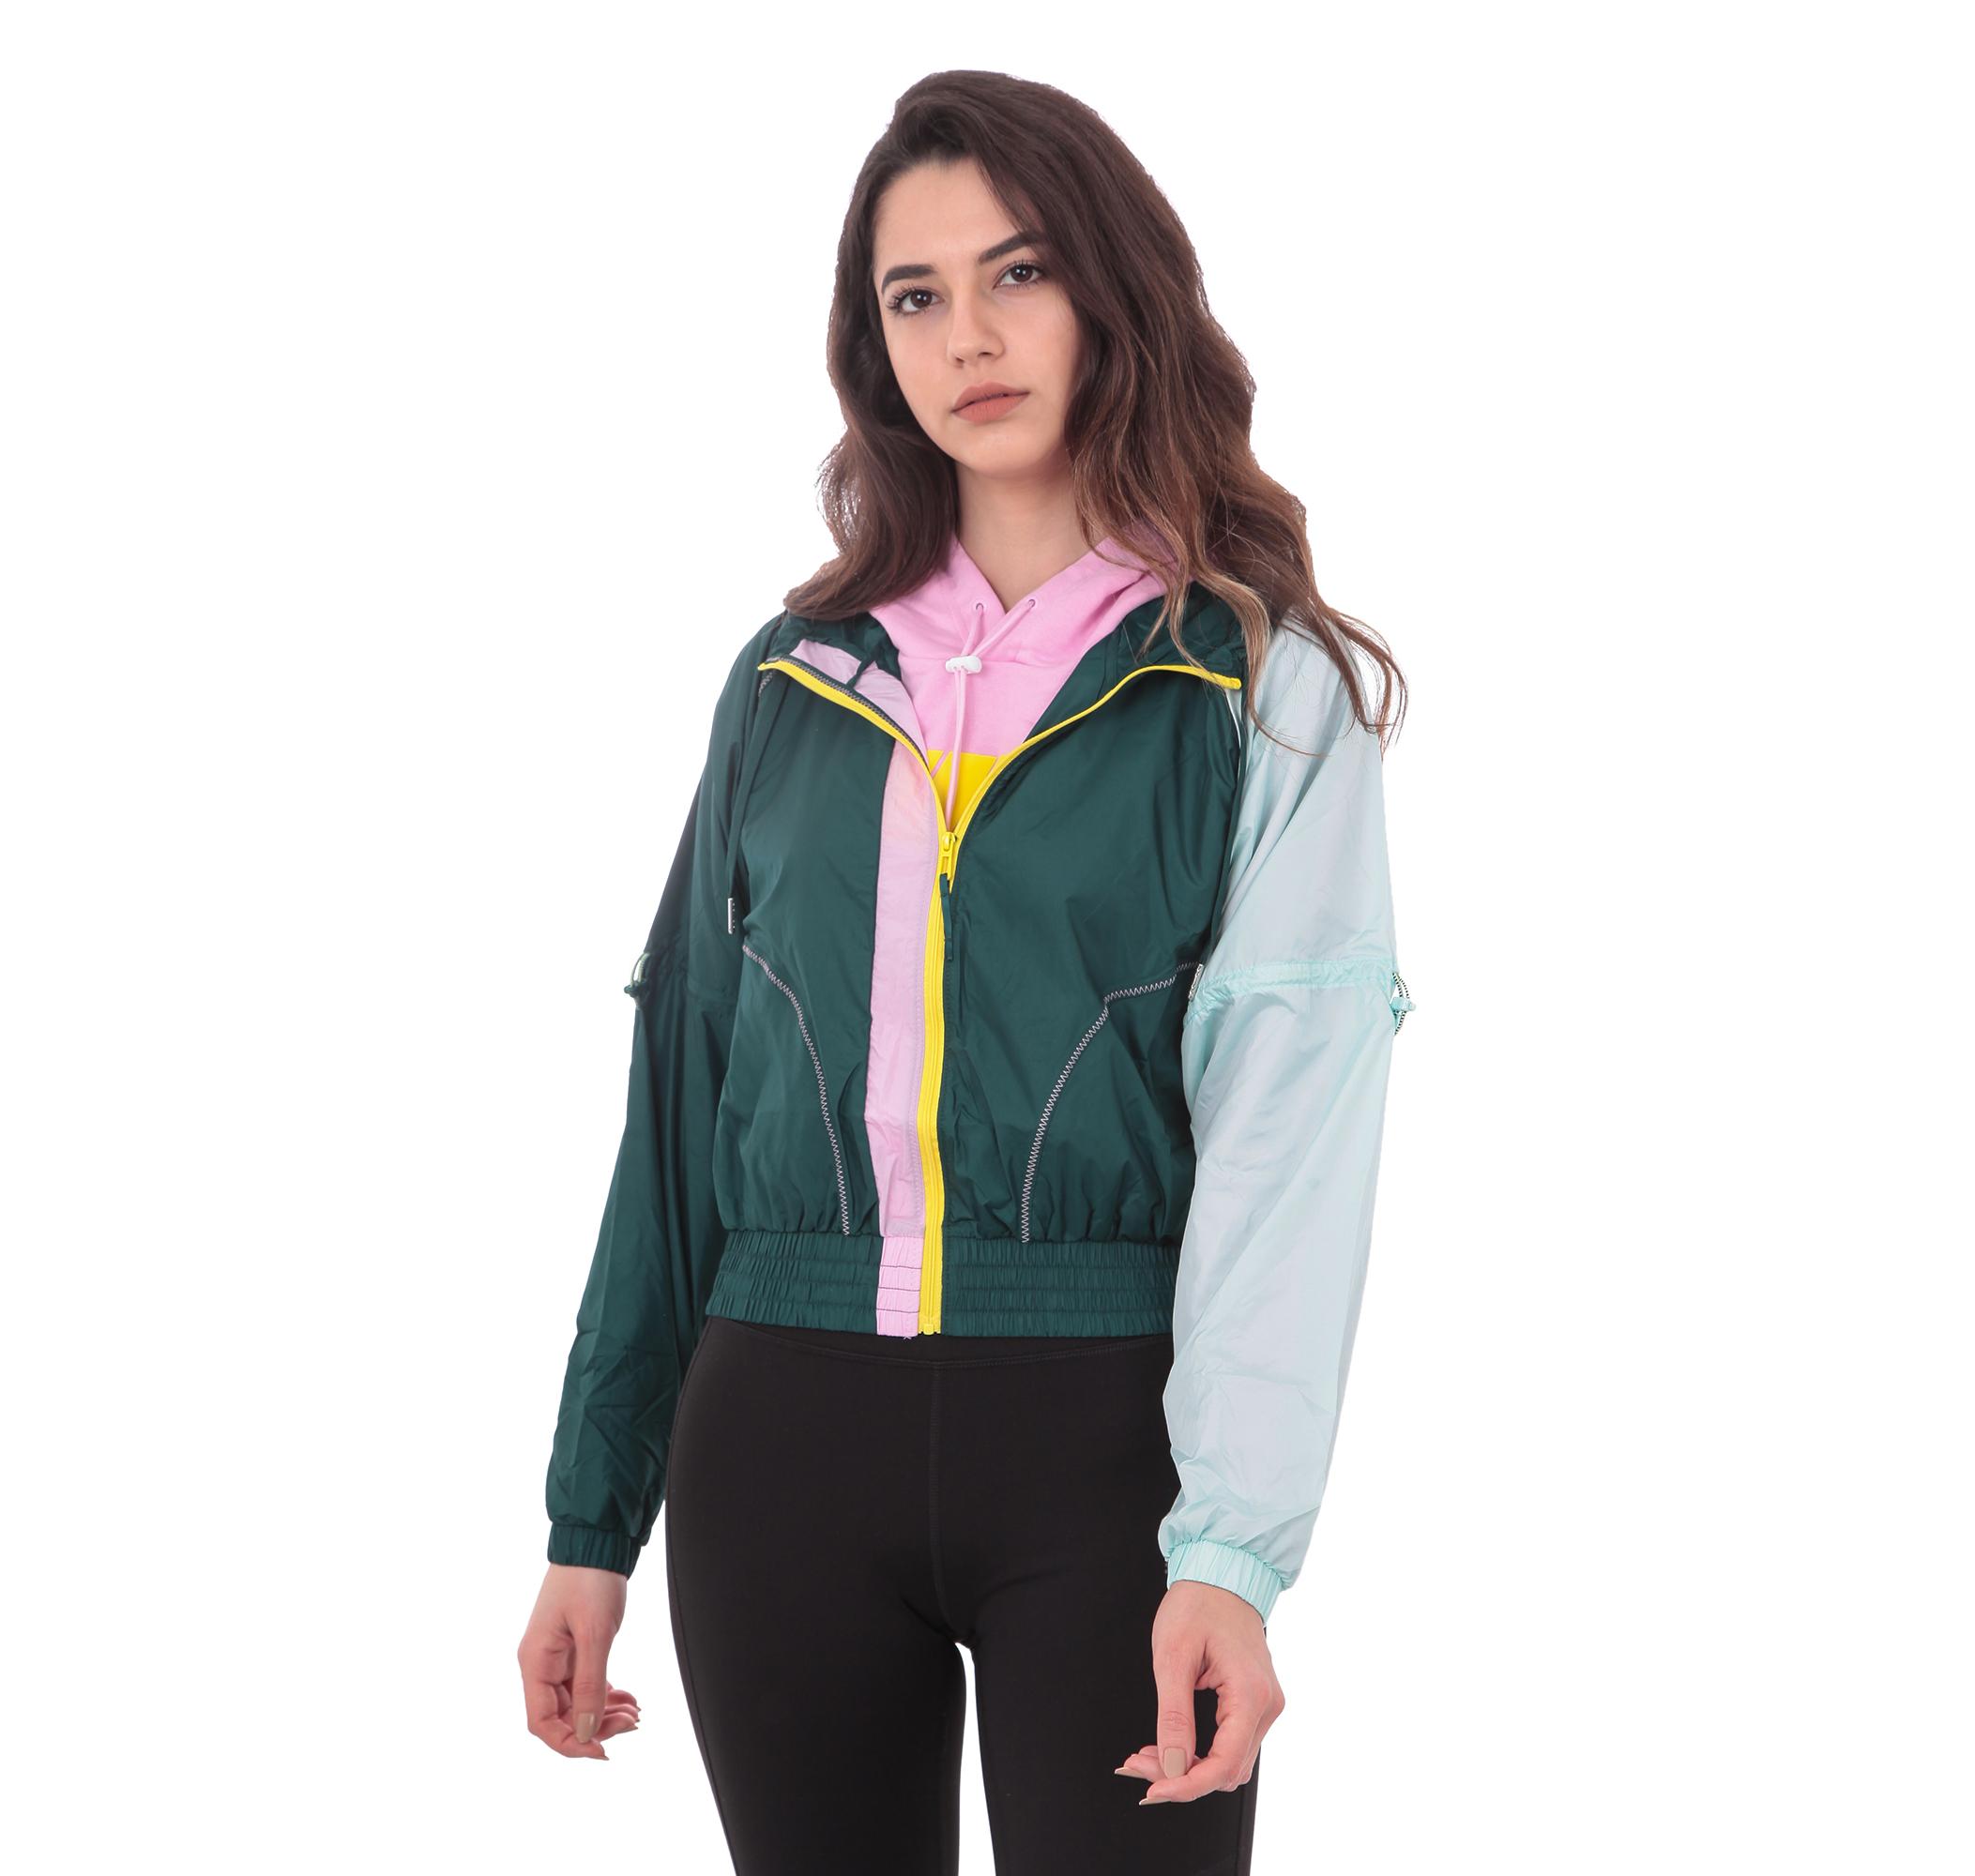 Cosmic Jacket Tz Kadın Yağmurluk-Rüzgarlık Yeşil